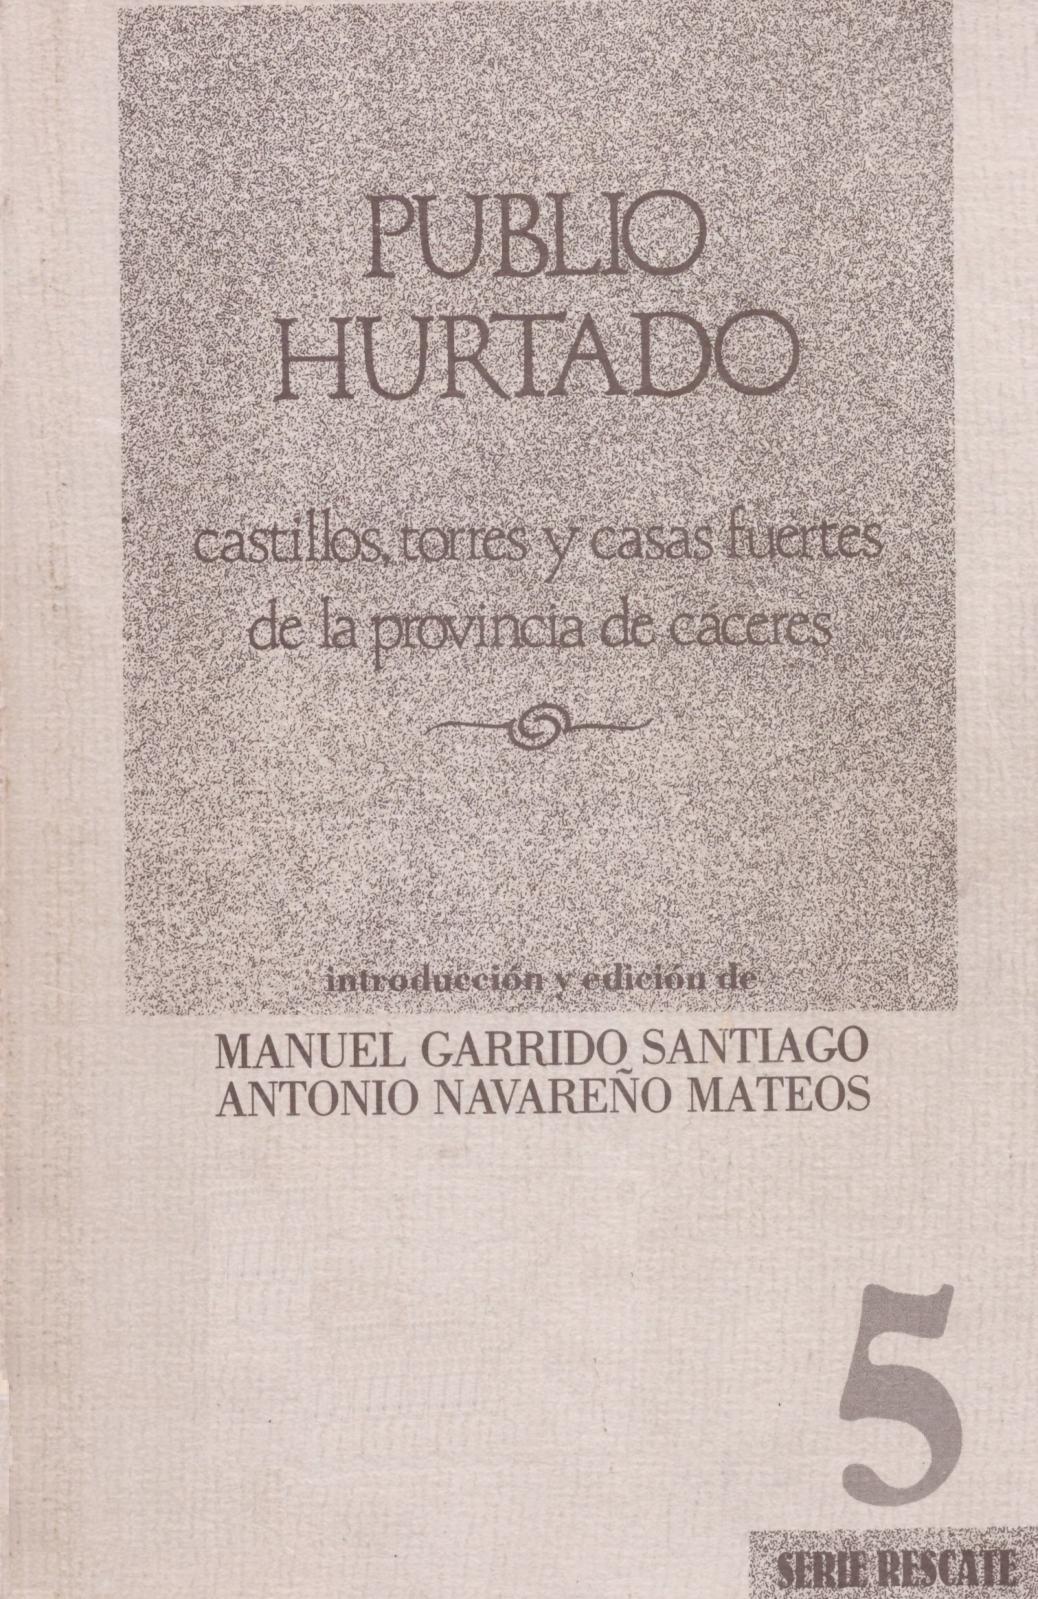 Castillos, torres y casas fuertes de la provincia de Cáceres por Publio Hurtado (1912)